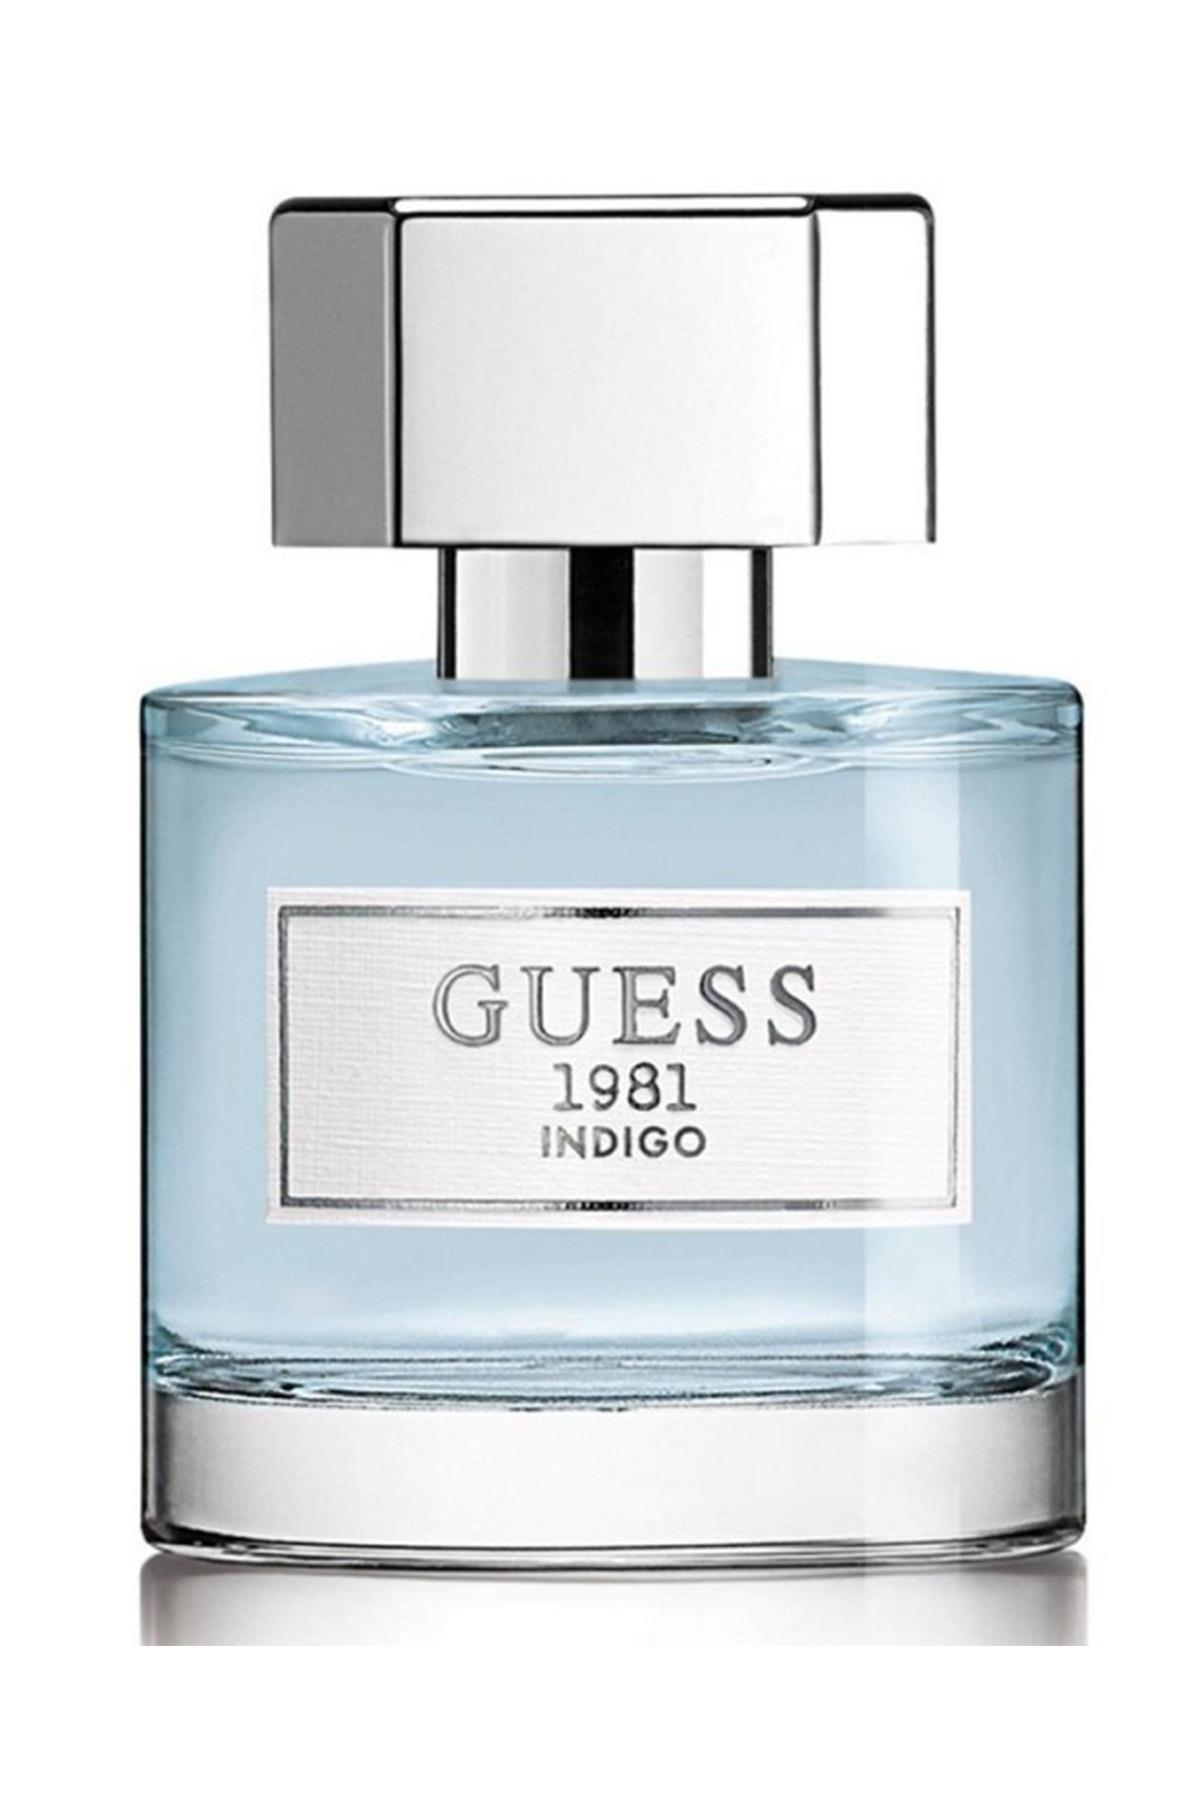 Guess 1981 Indigo EDT 50 ml Kadın Parfüm